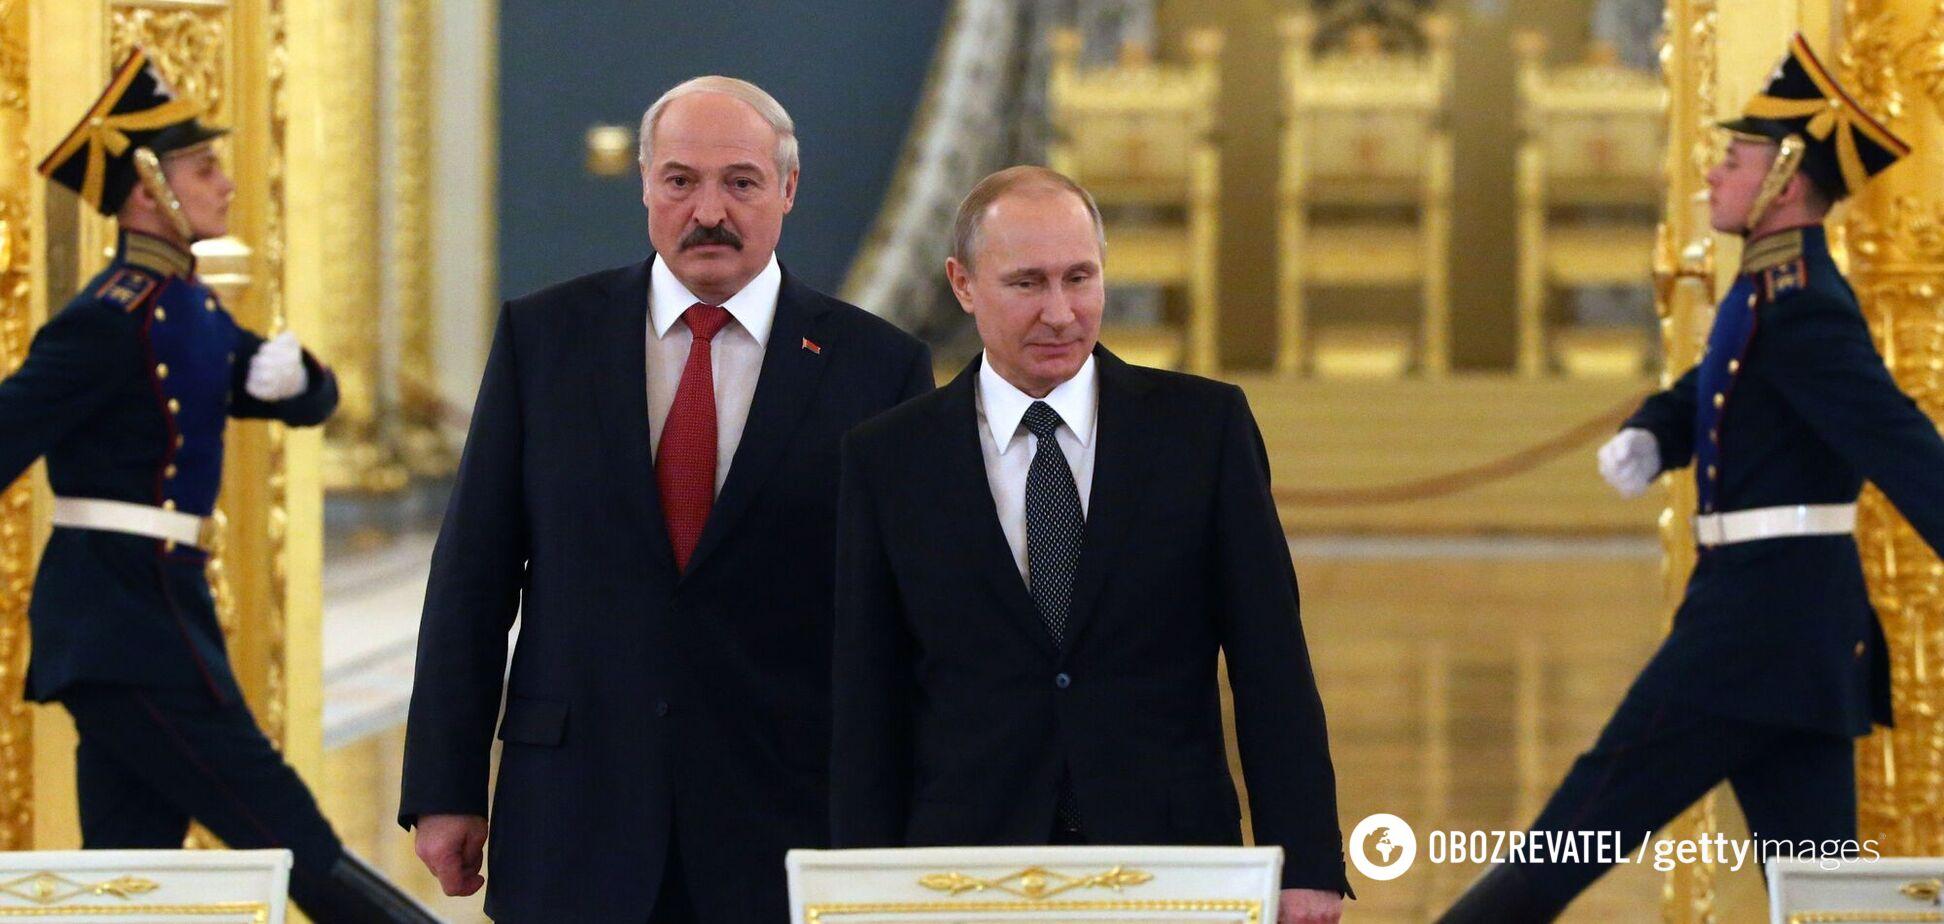 Лукашенко на коленях поползет в Кремль: оппозиционер оценил новые санкции против режима